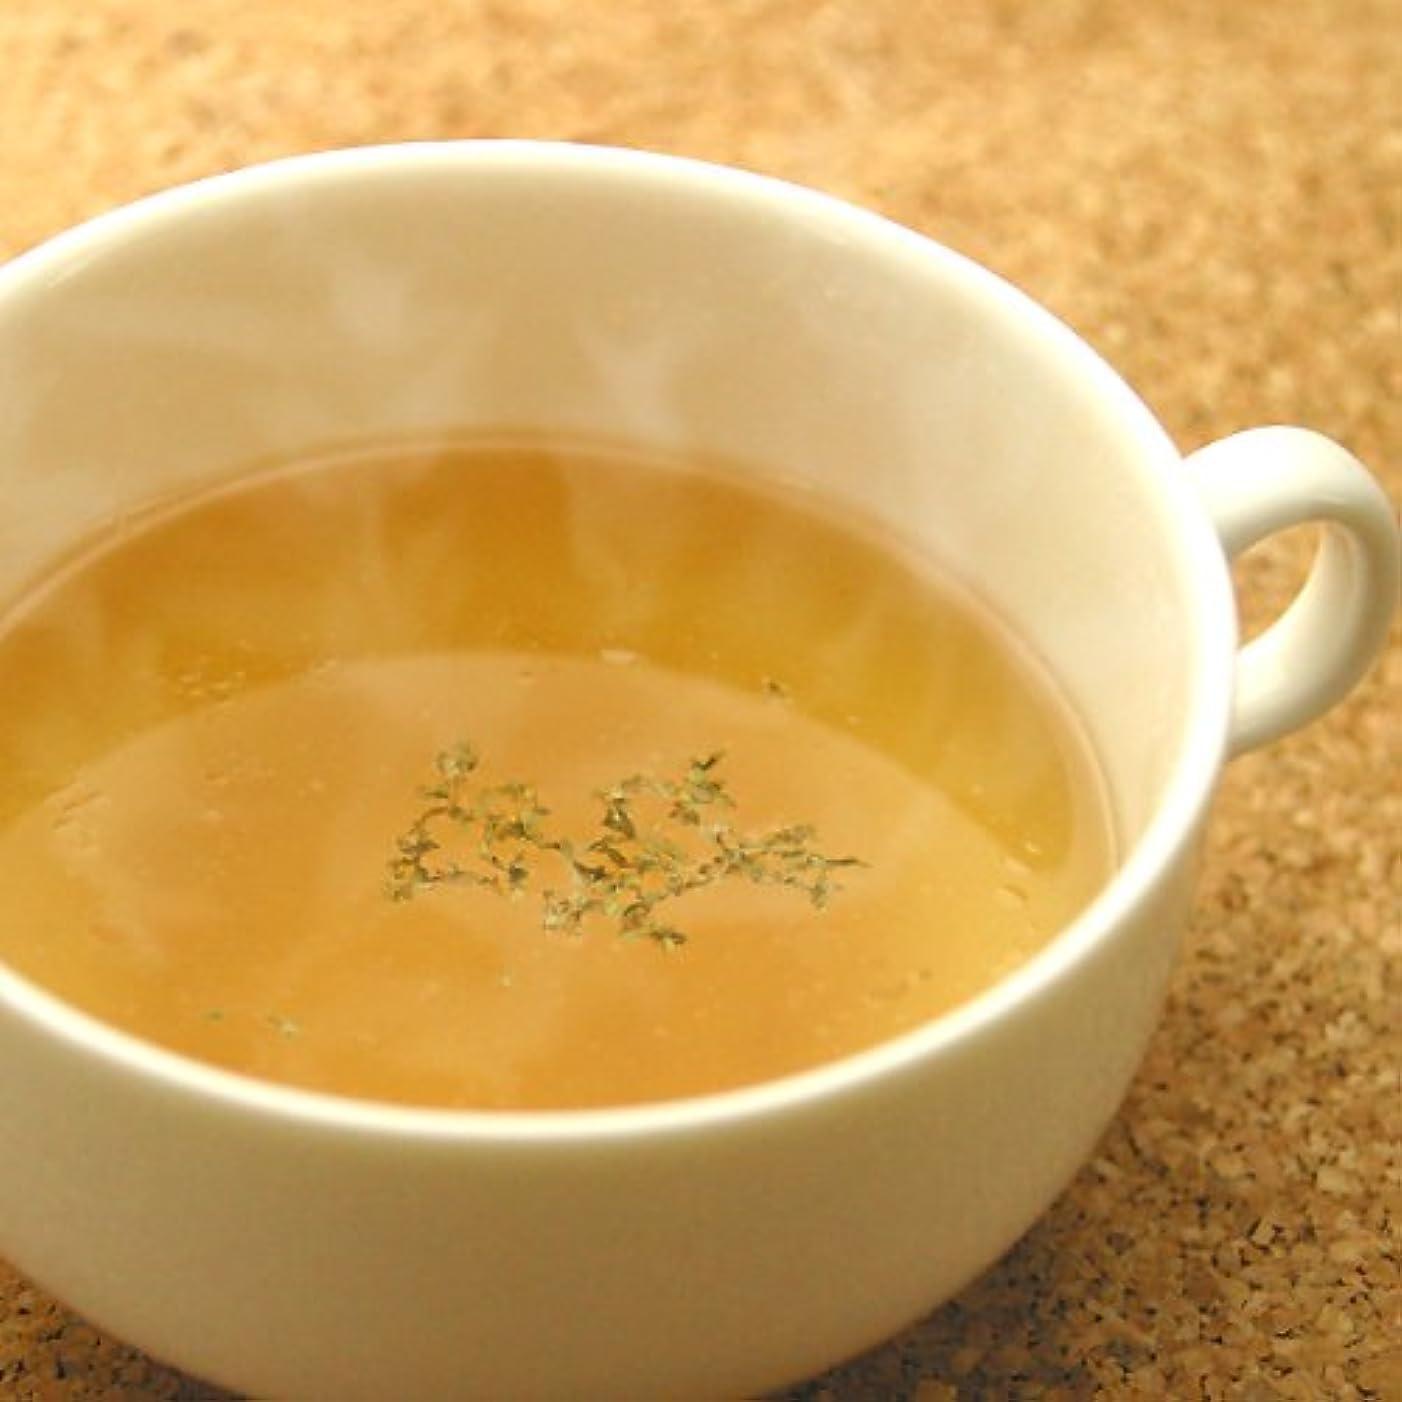 擬人愛人侮辱淡路産100%たまねぎ使用のたまねぎスープ83杯分(500g×1パック)